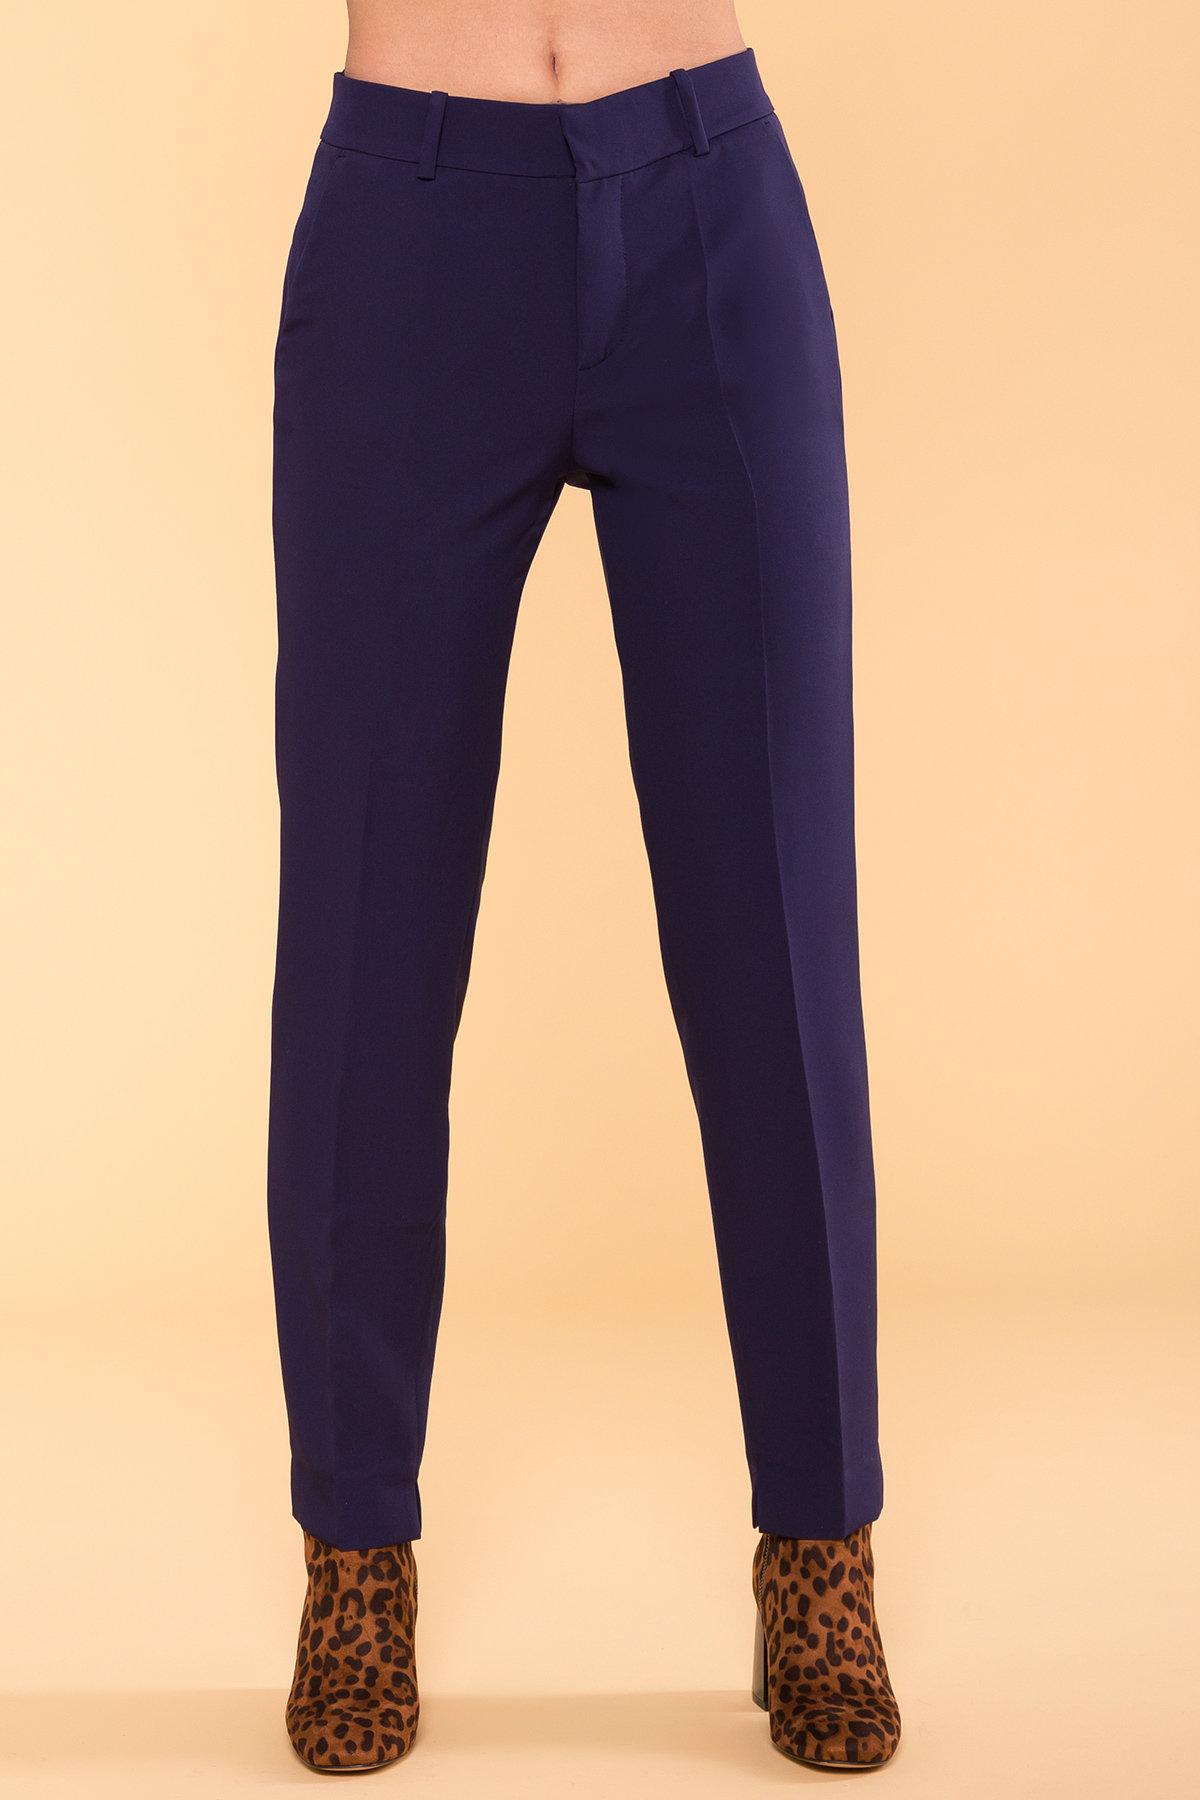 Базовые брюки со стрелками Эдвин 2467 АРТ. 15260 Цвет: Тёмно-синий - фото 6, интернет магазин tm-modus.ru